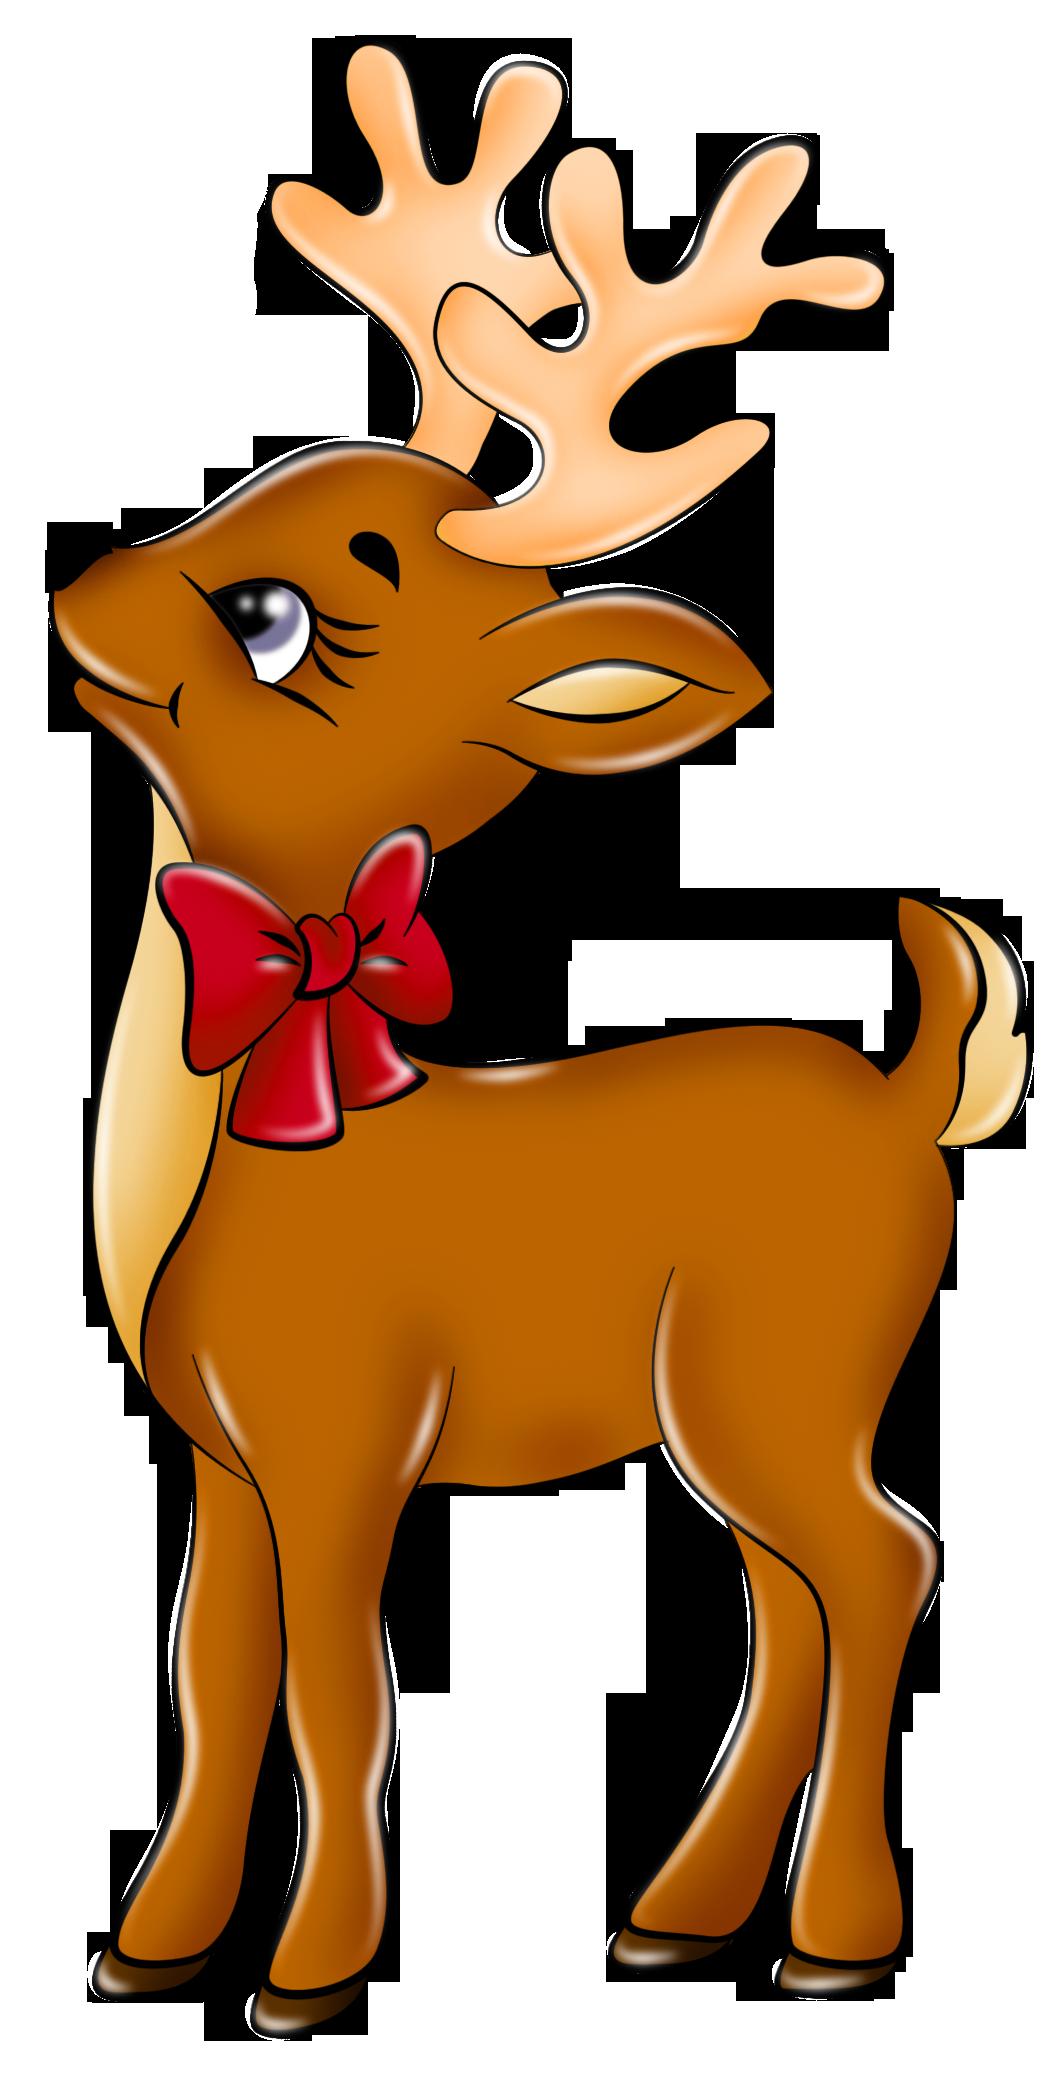 Reindeer clipart image.